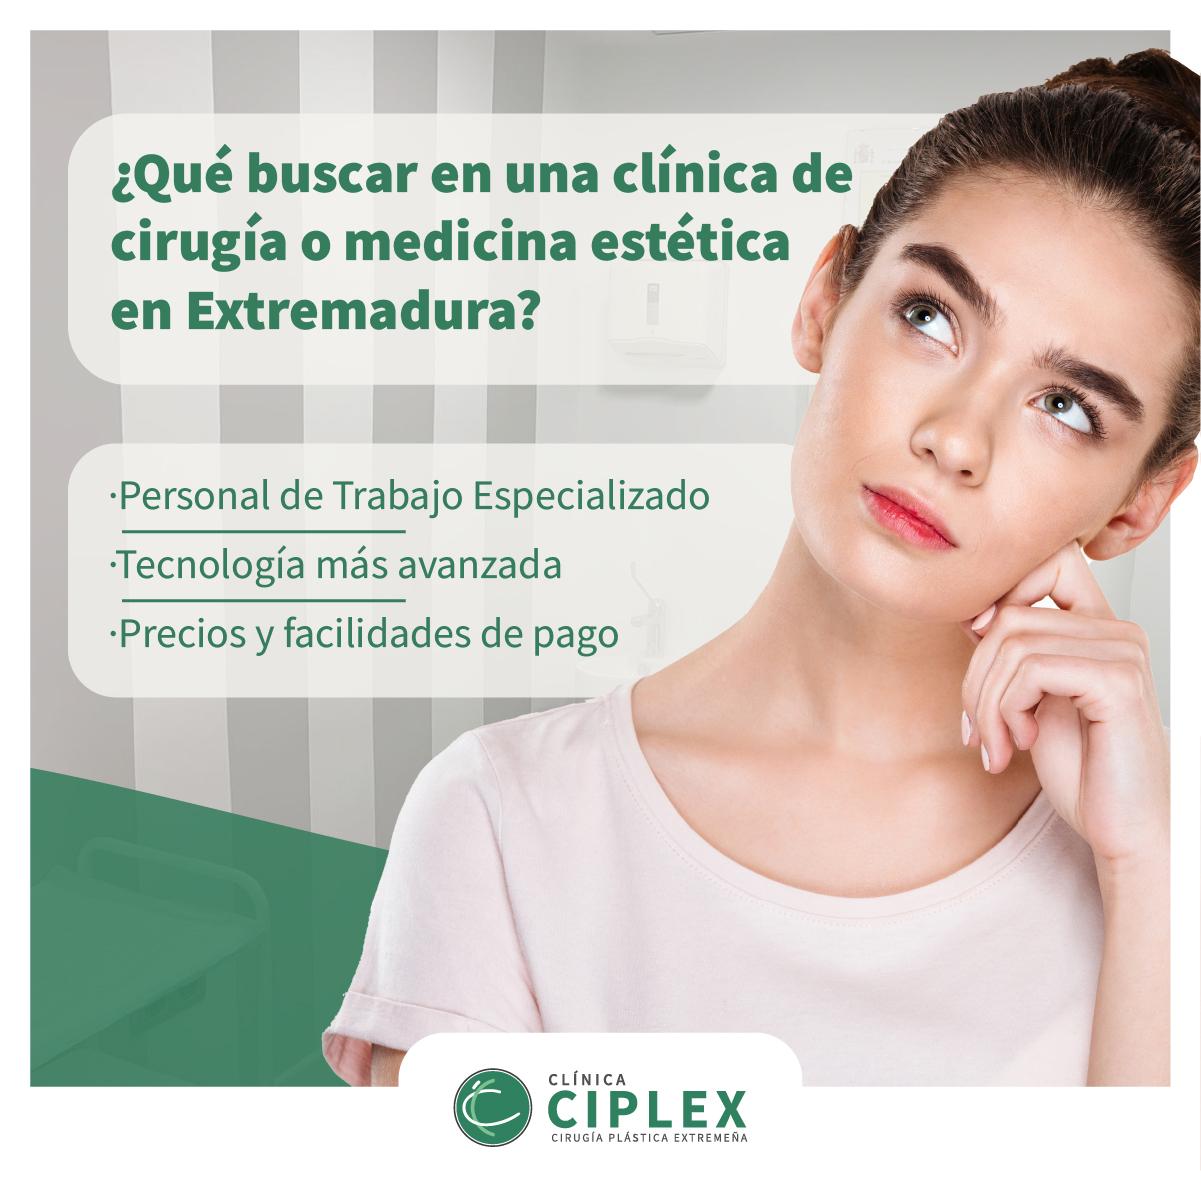 ¿Qué buscar en una clínica de cirugía o medicina estética en Extremadura?